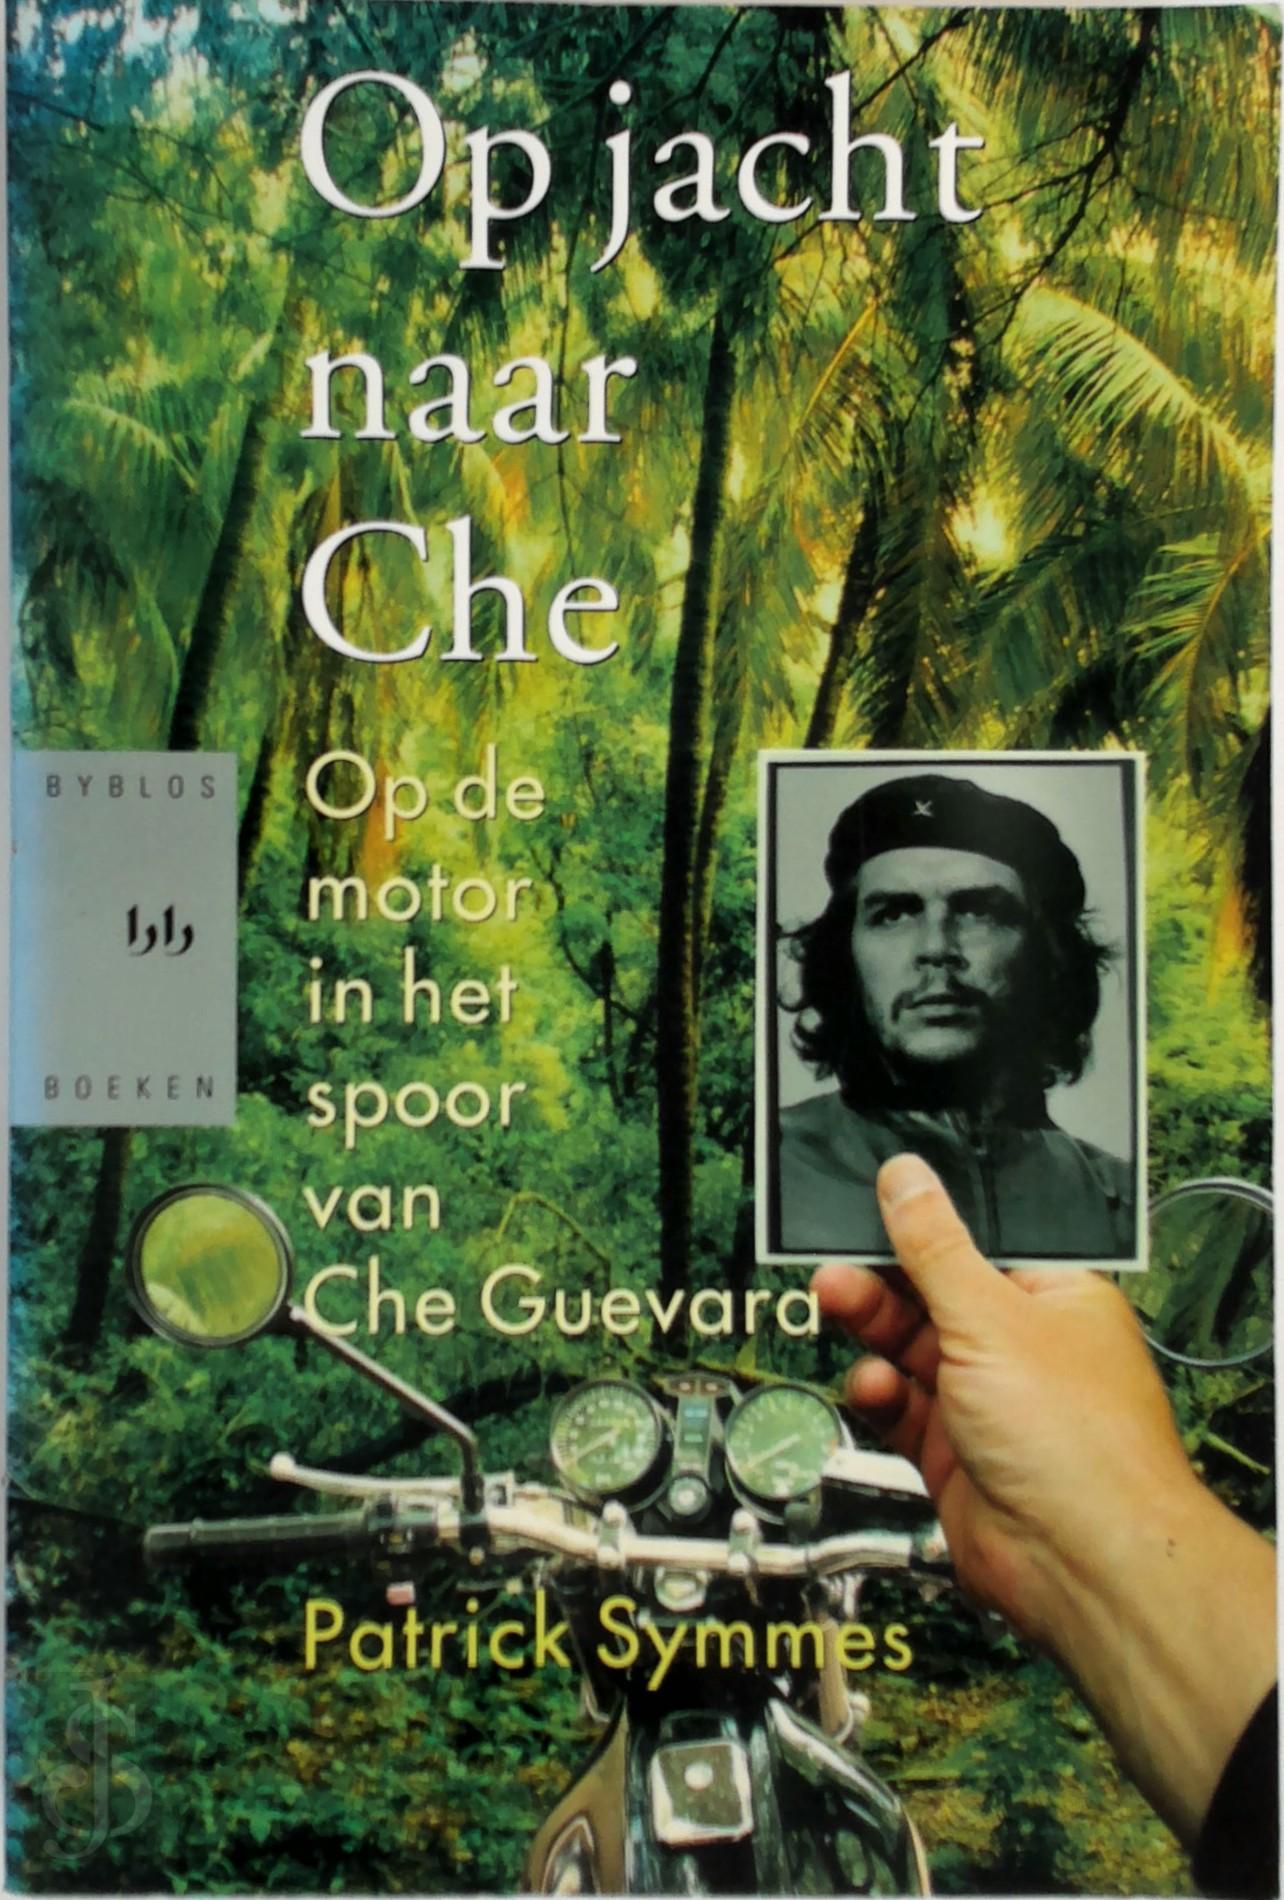 Op jacht naar Che op de mot...